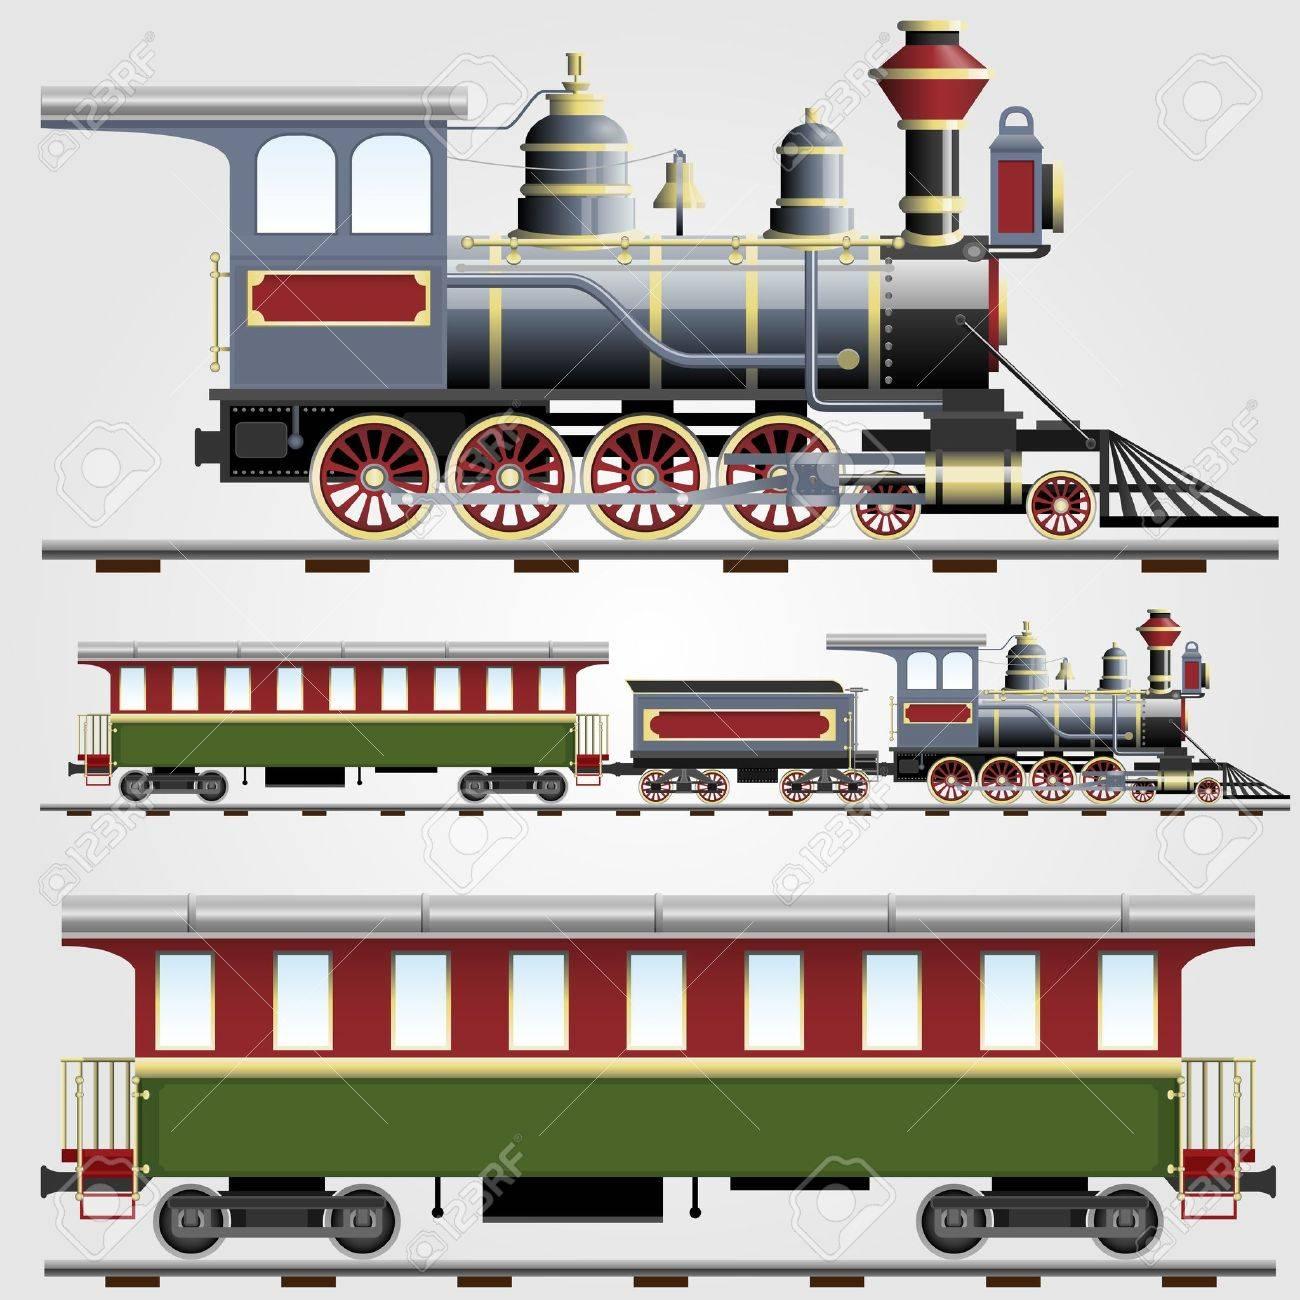 Retro steam train with coach - 12302191